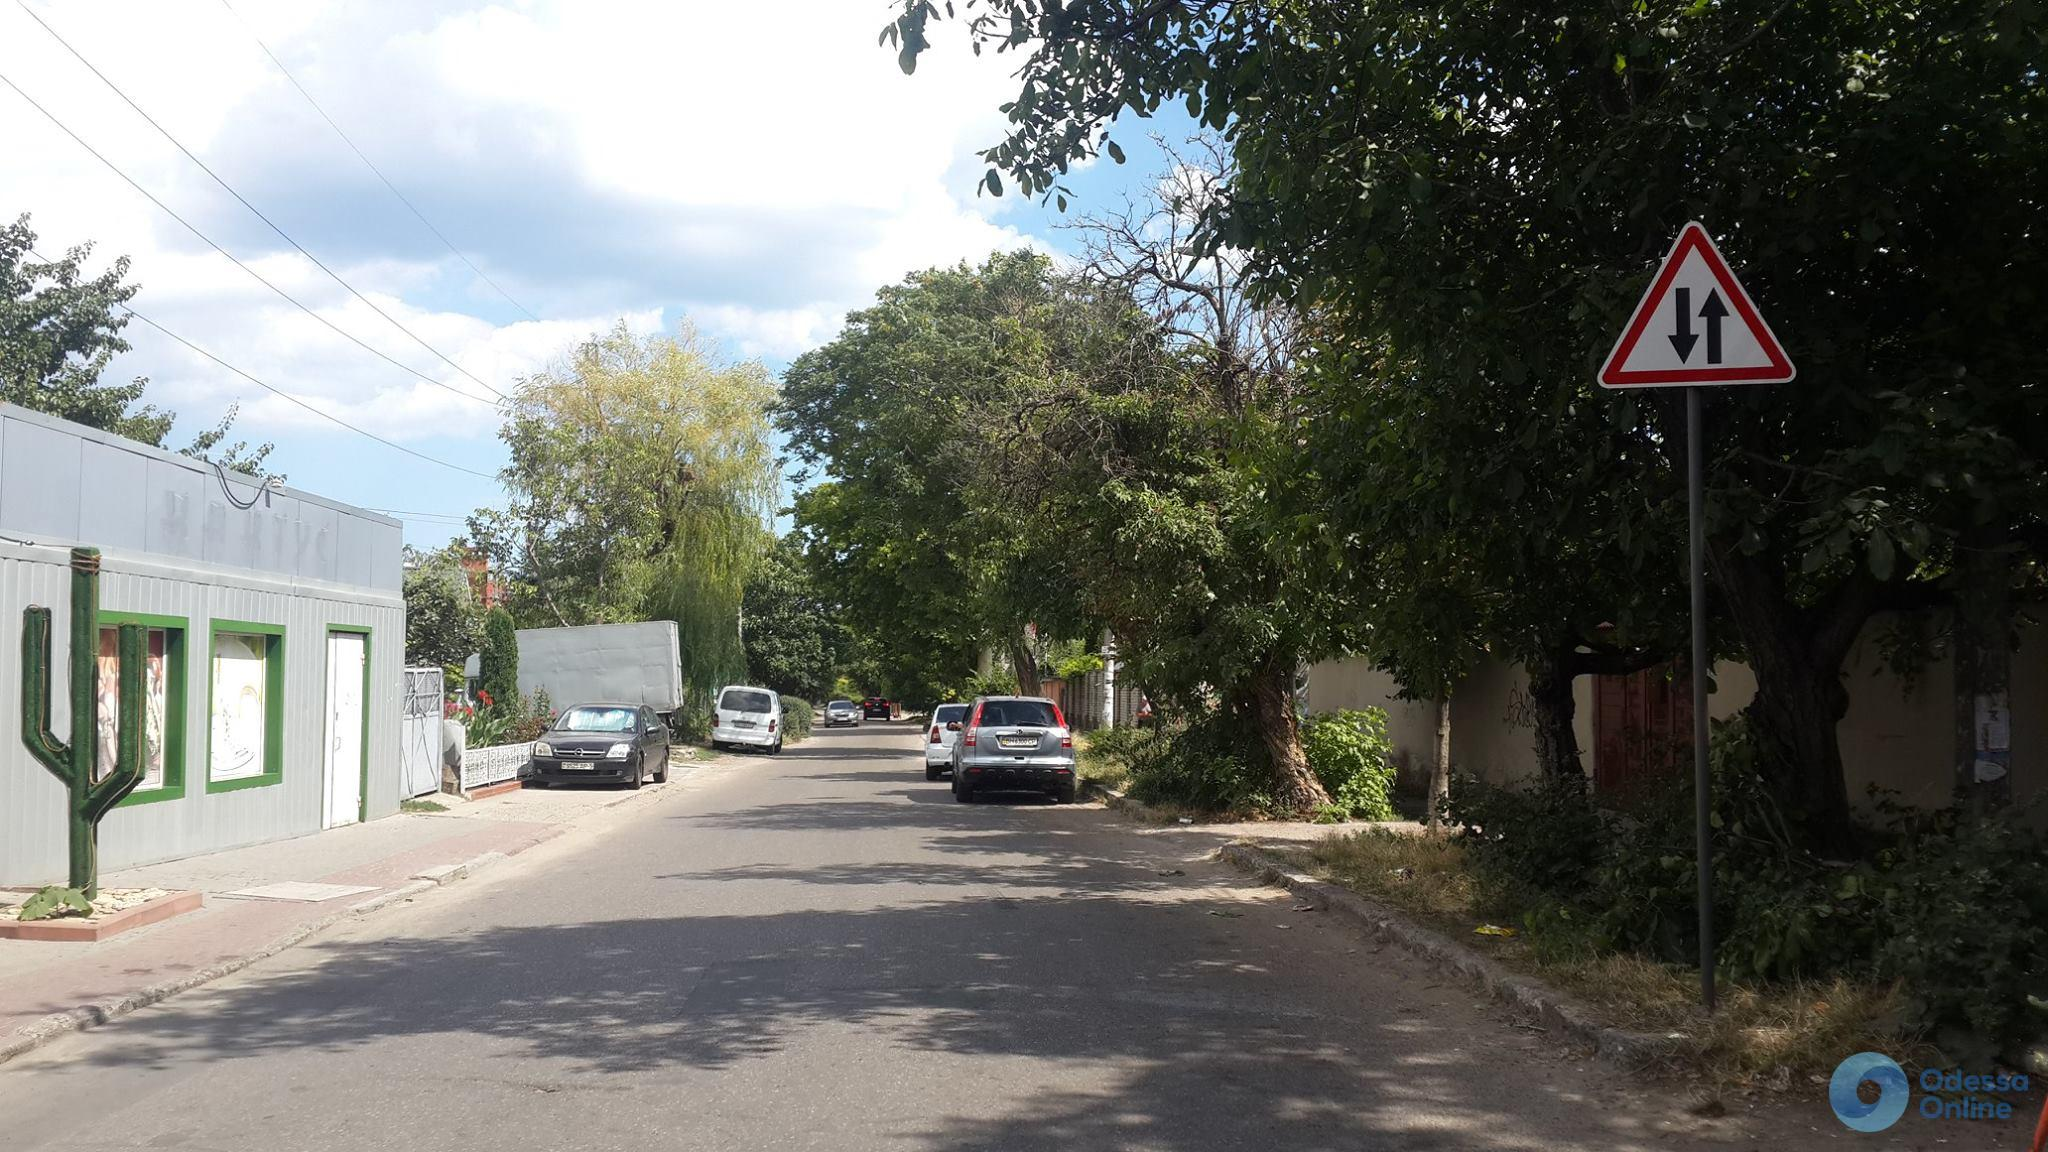 Одесса: на Дмитрия Донского появились дополнительные дорожные знаки